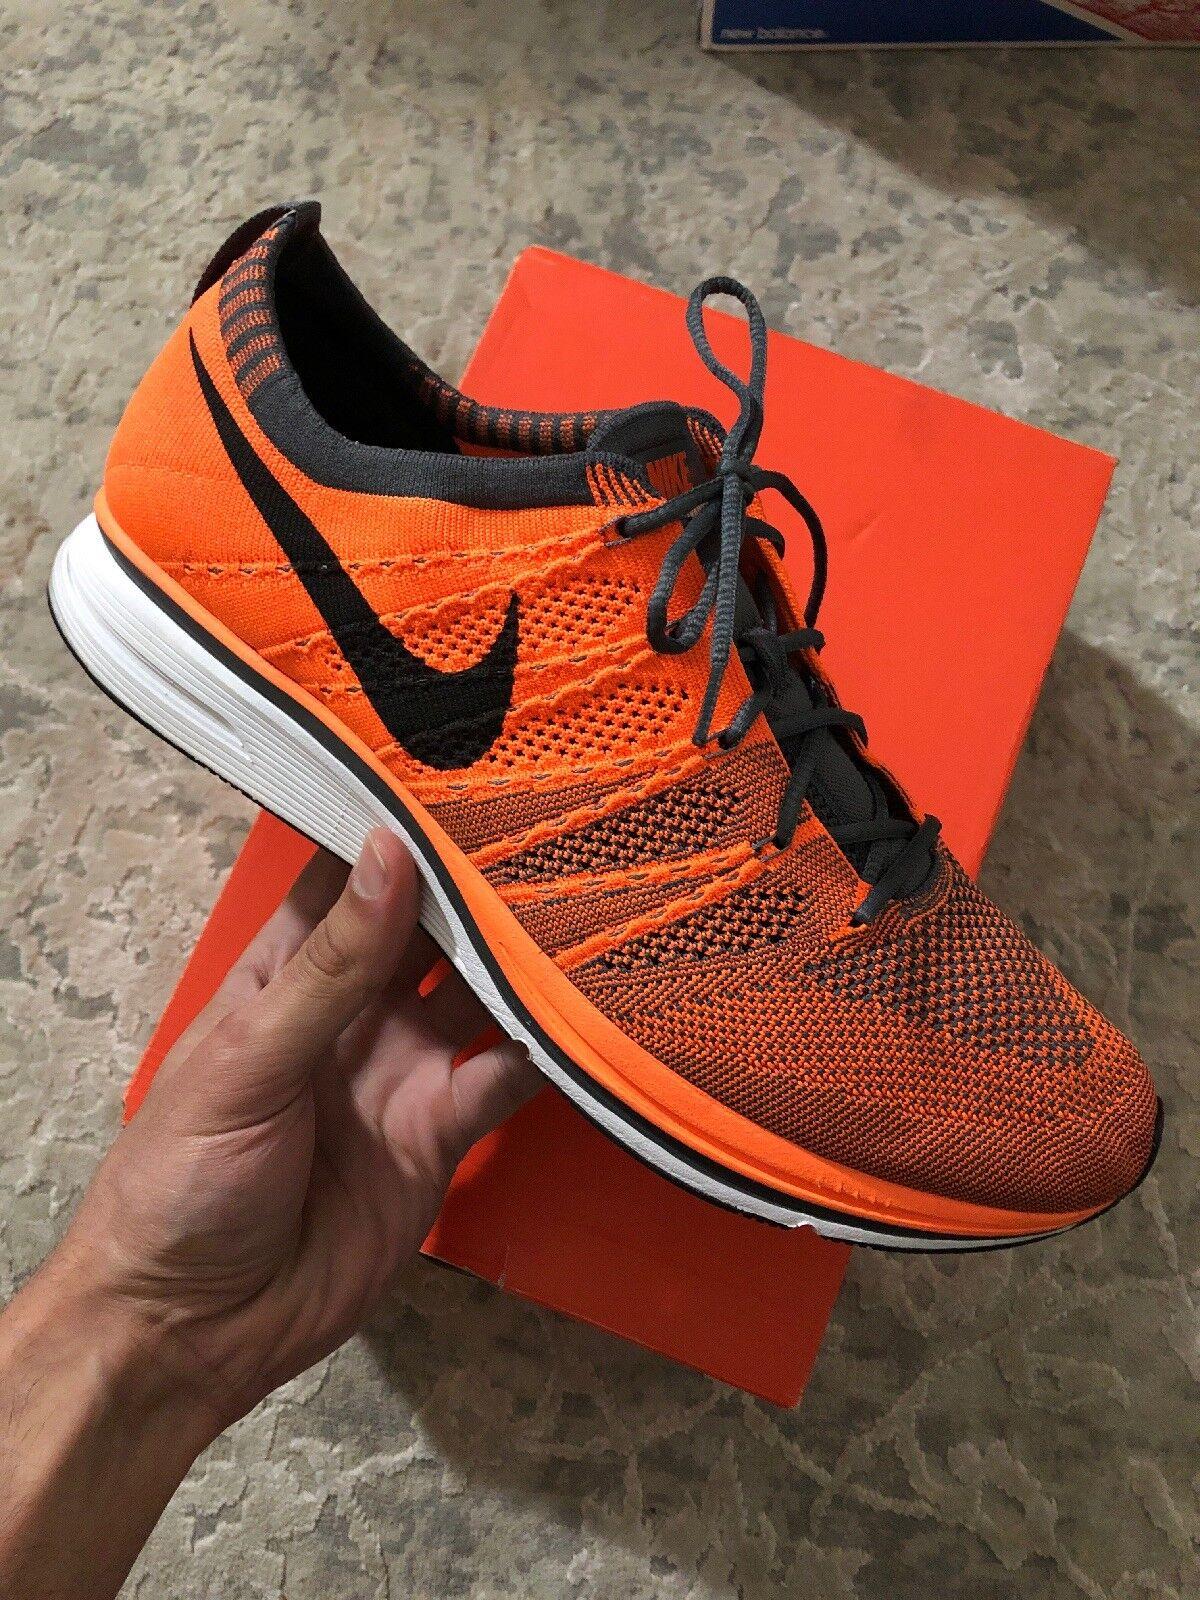 2012 Nike Flyknit Trainer+ Total orange (532984-880) Sz 12